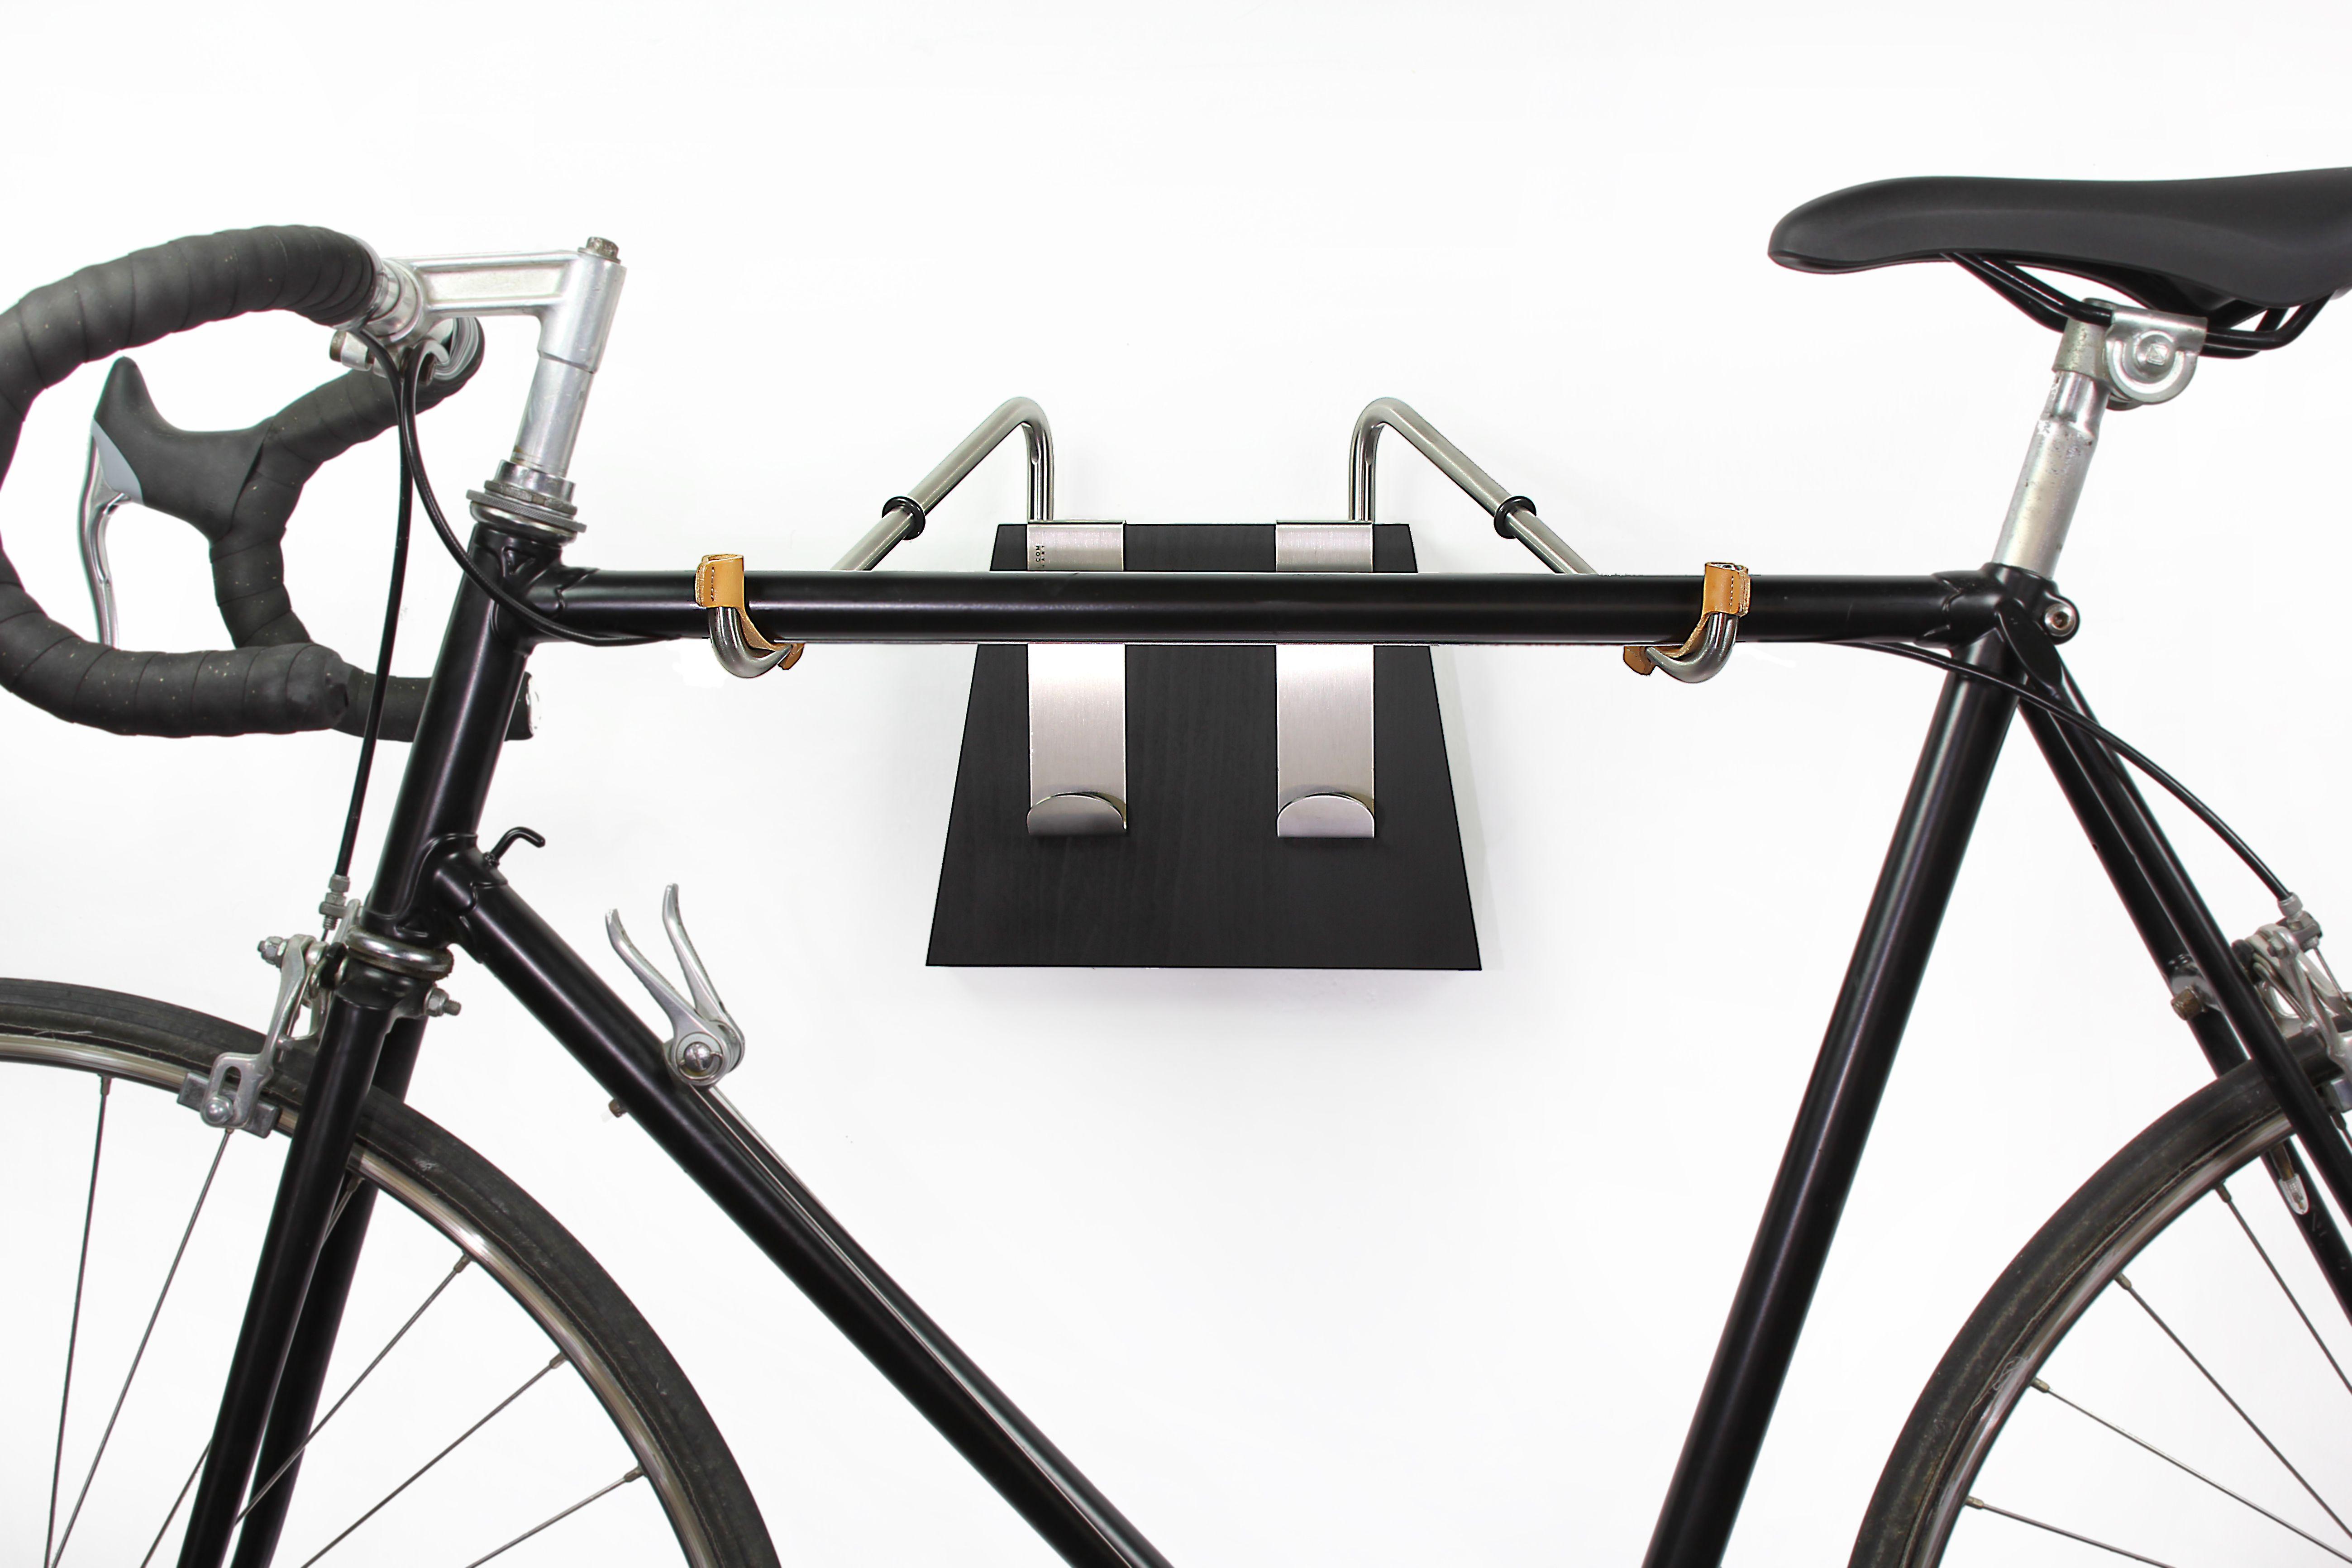 Fahrradwandhalter Black Von Opossum Design Mit An Die Wand